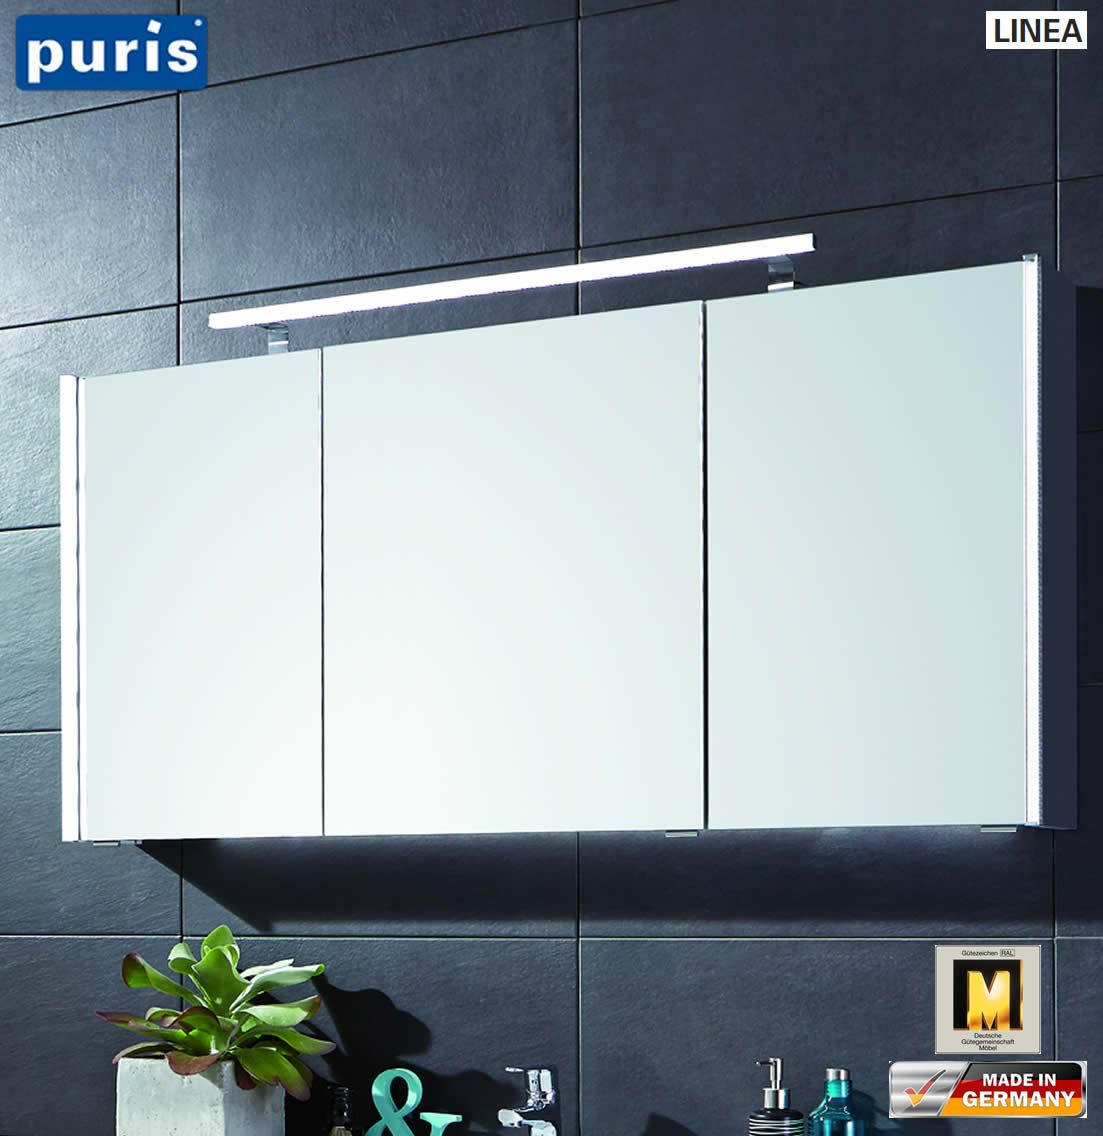 Puris Linea Spiegelschrank 130 Cm Mit Seitlichen Led Profilen S2a431379 Spiegelschrank Led Profil Badspiegelschrank